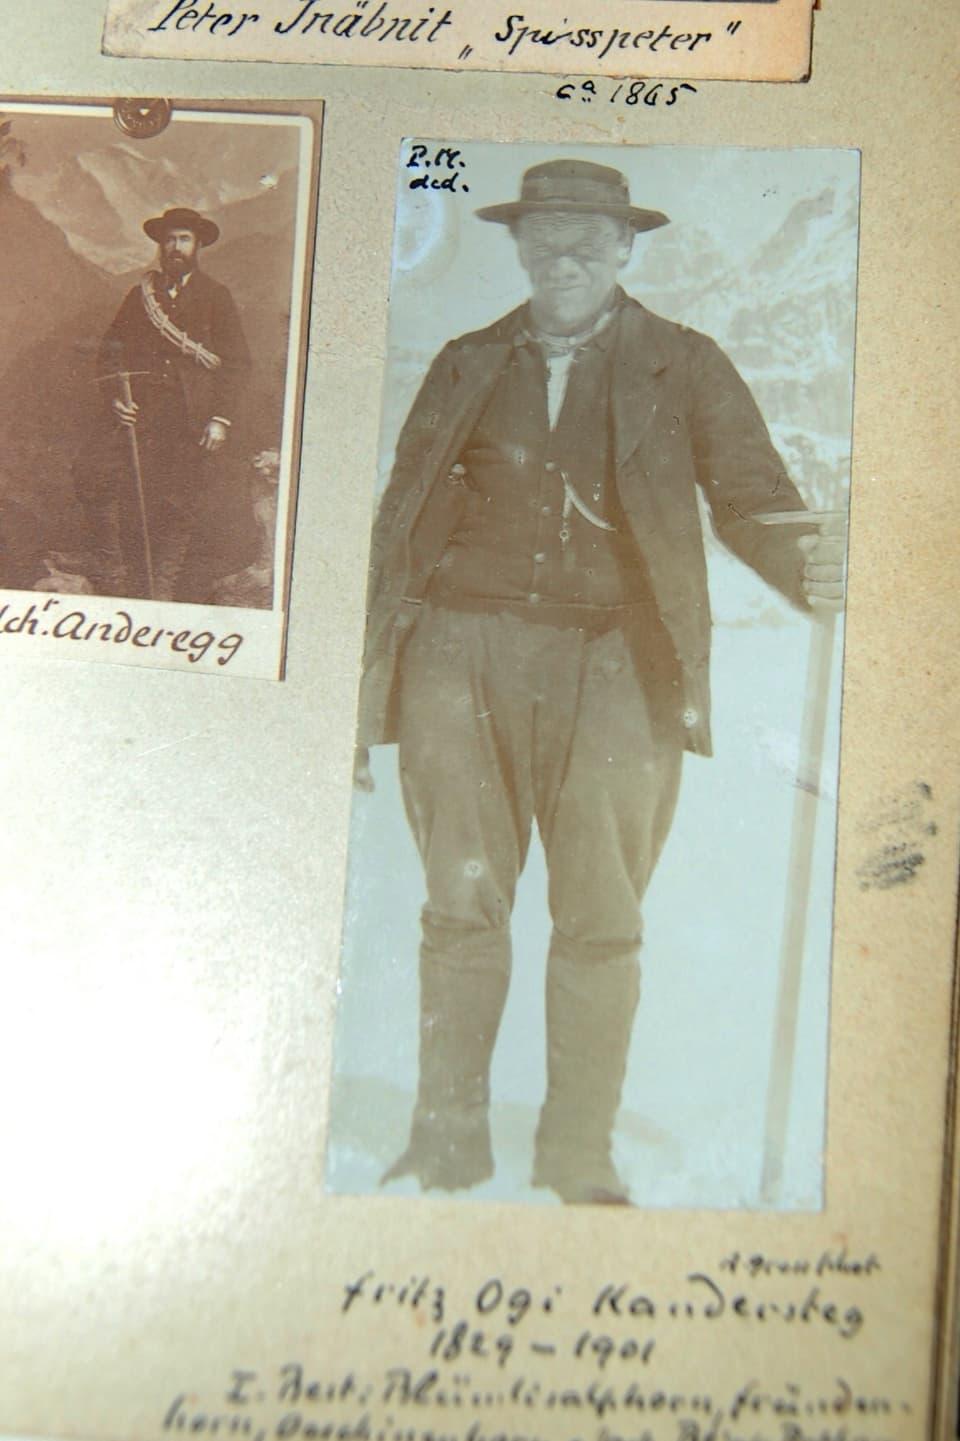 Fritz Ogi